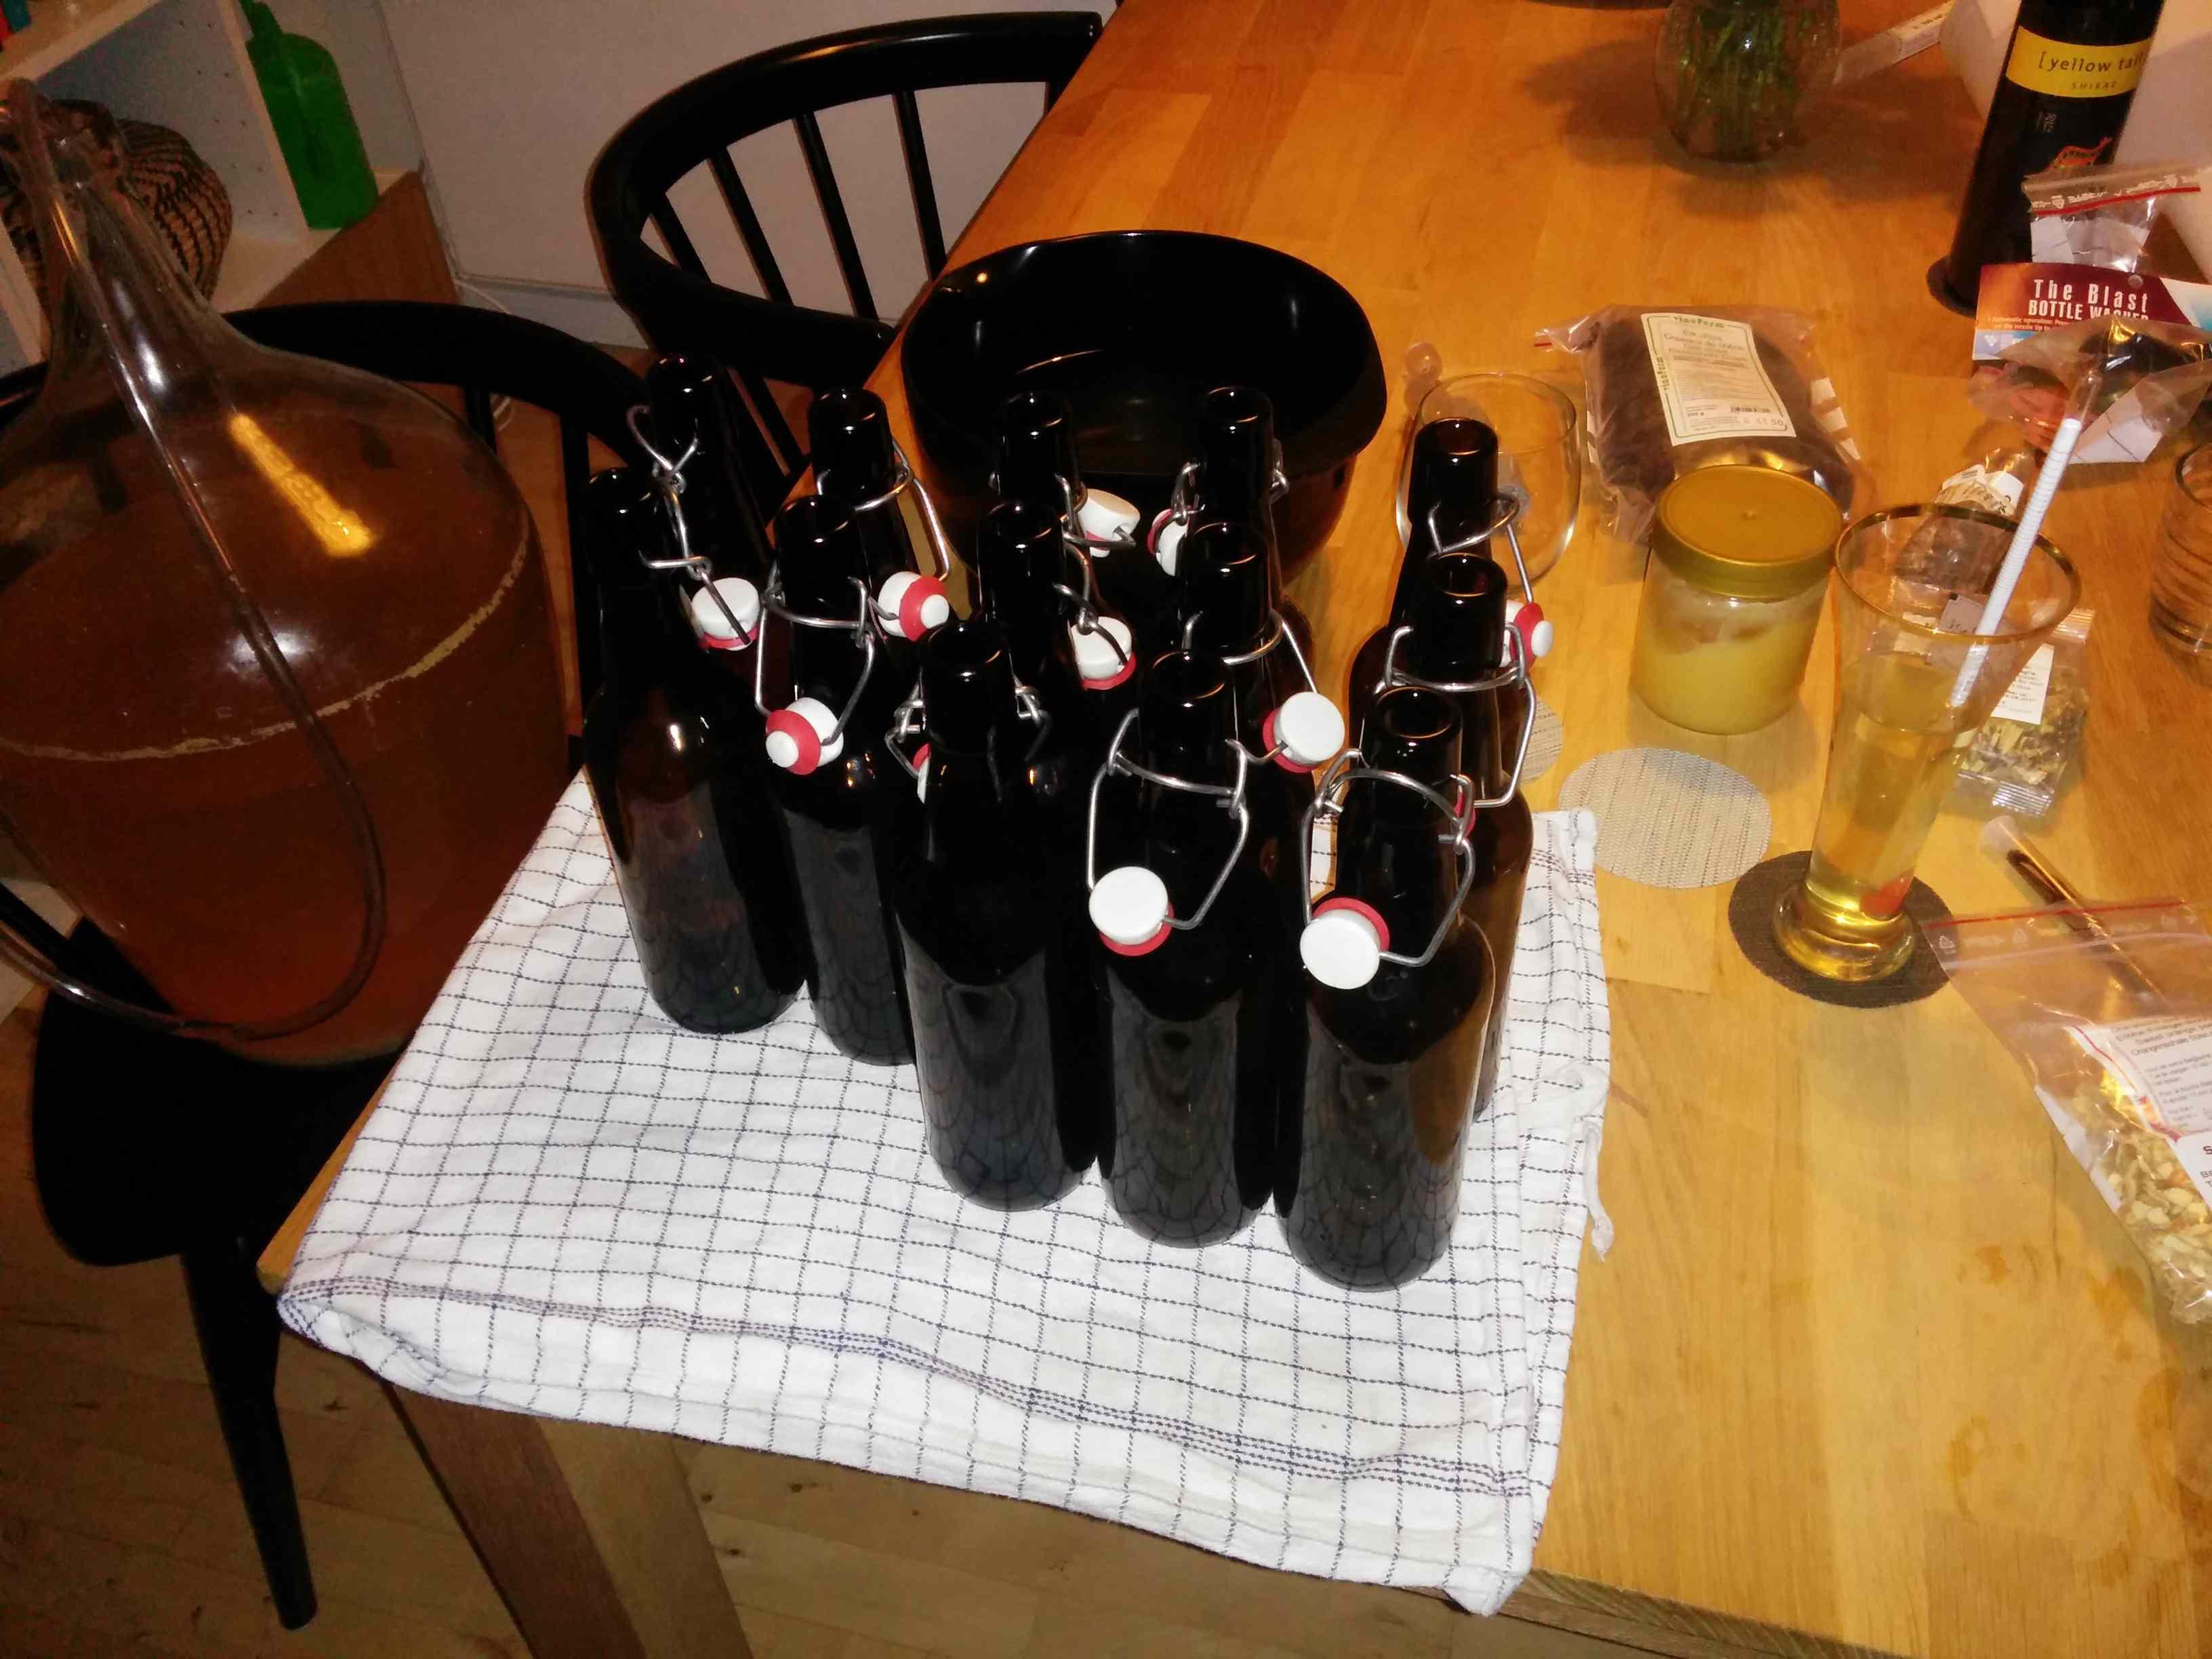 Rensede flasker